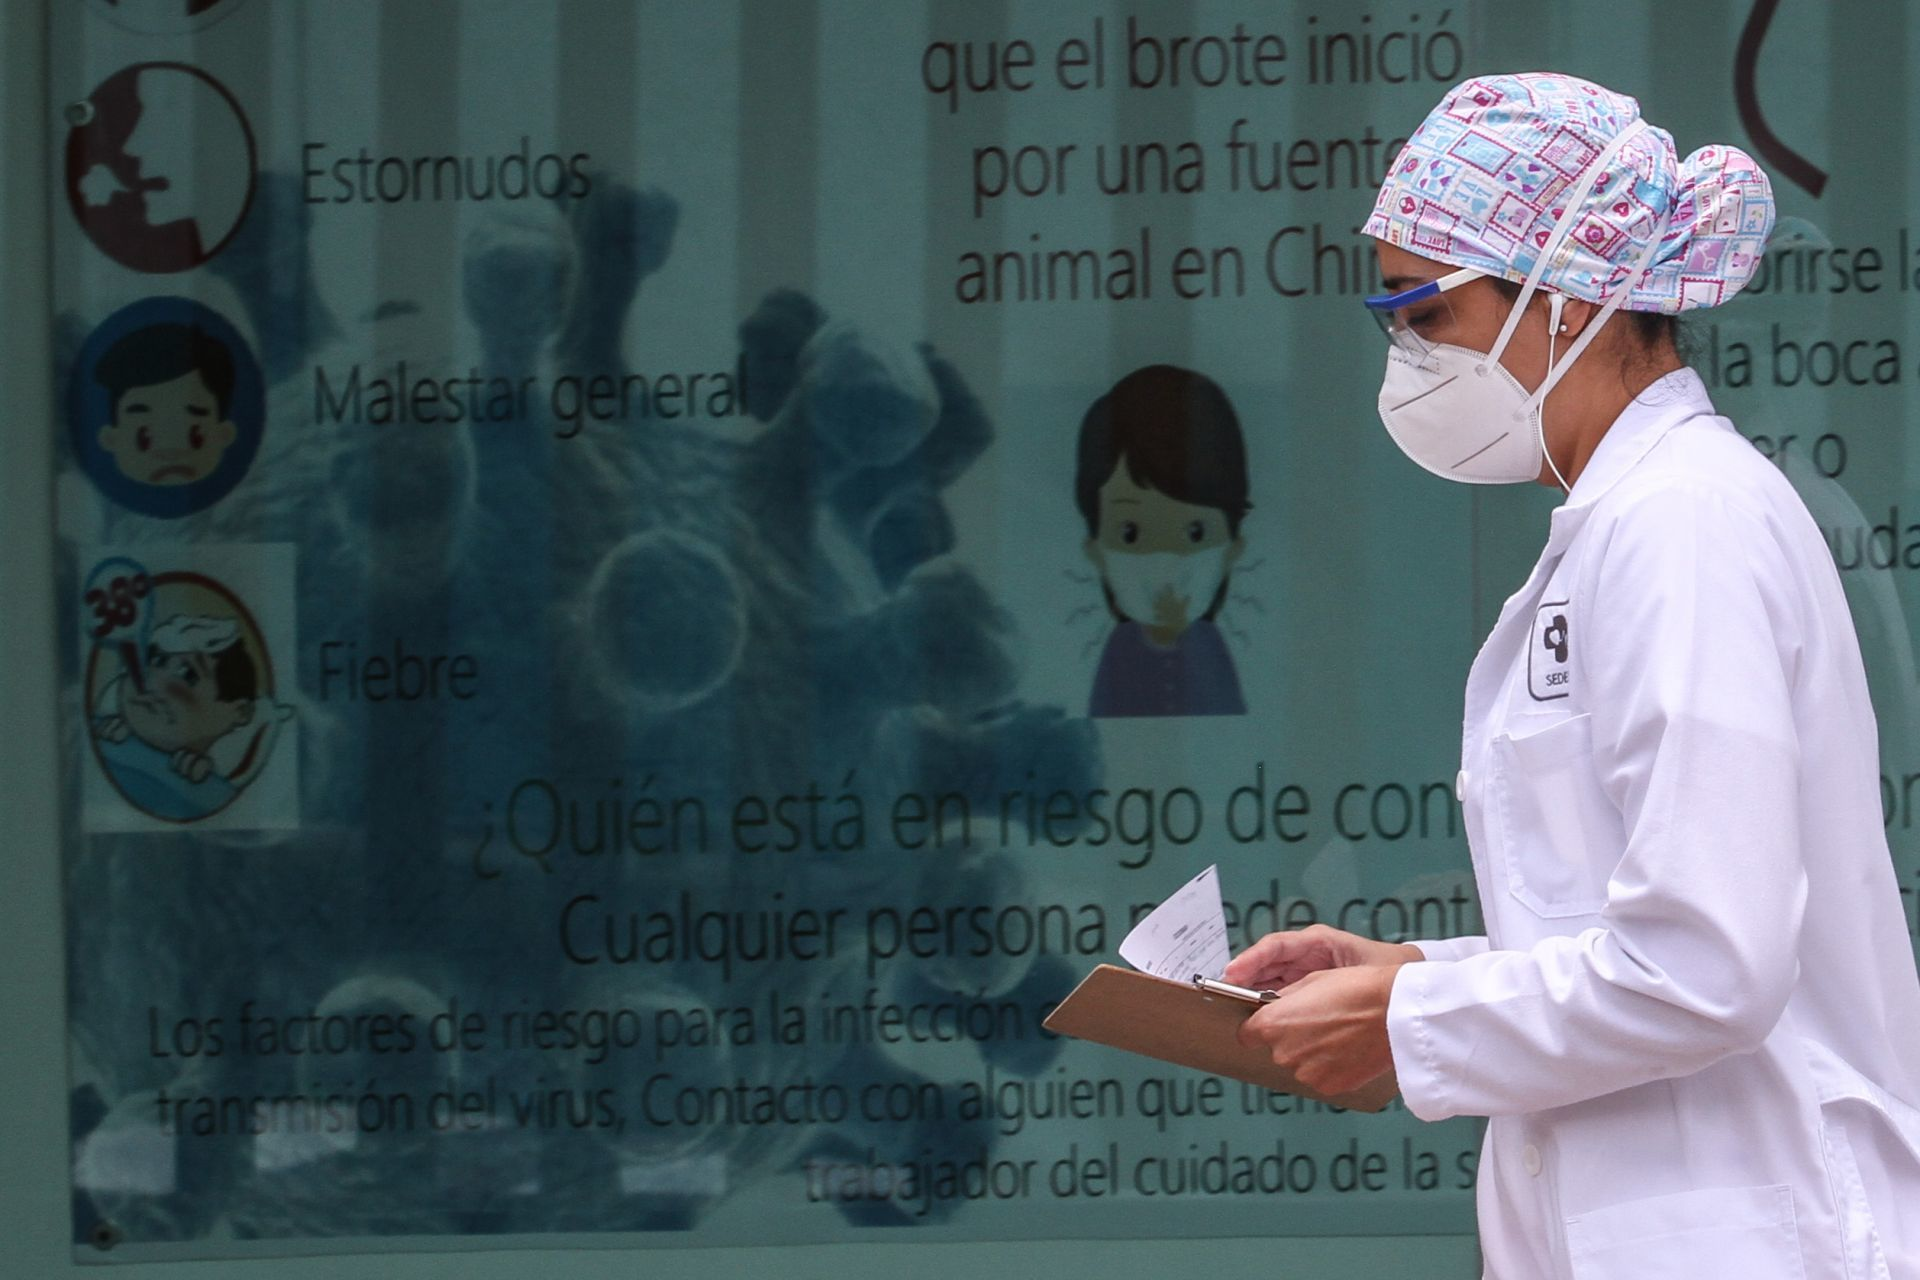 trabajadores-salud-hospital-covid-enfermera